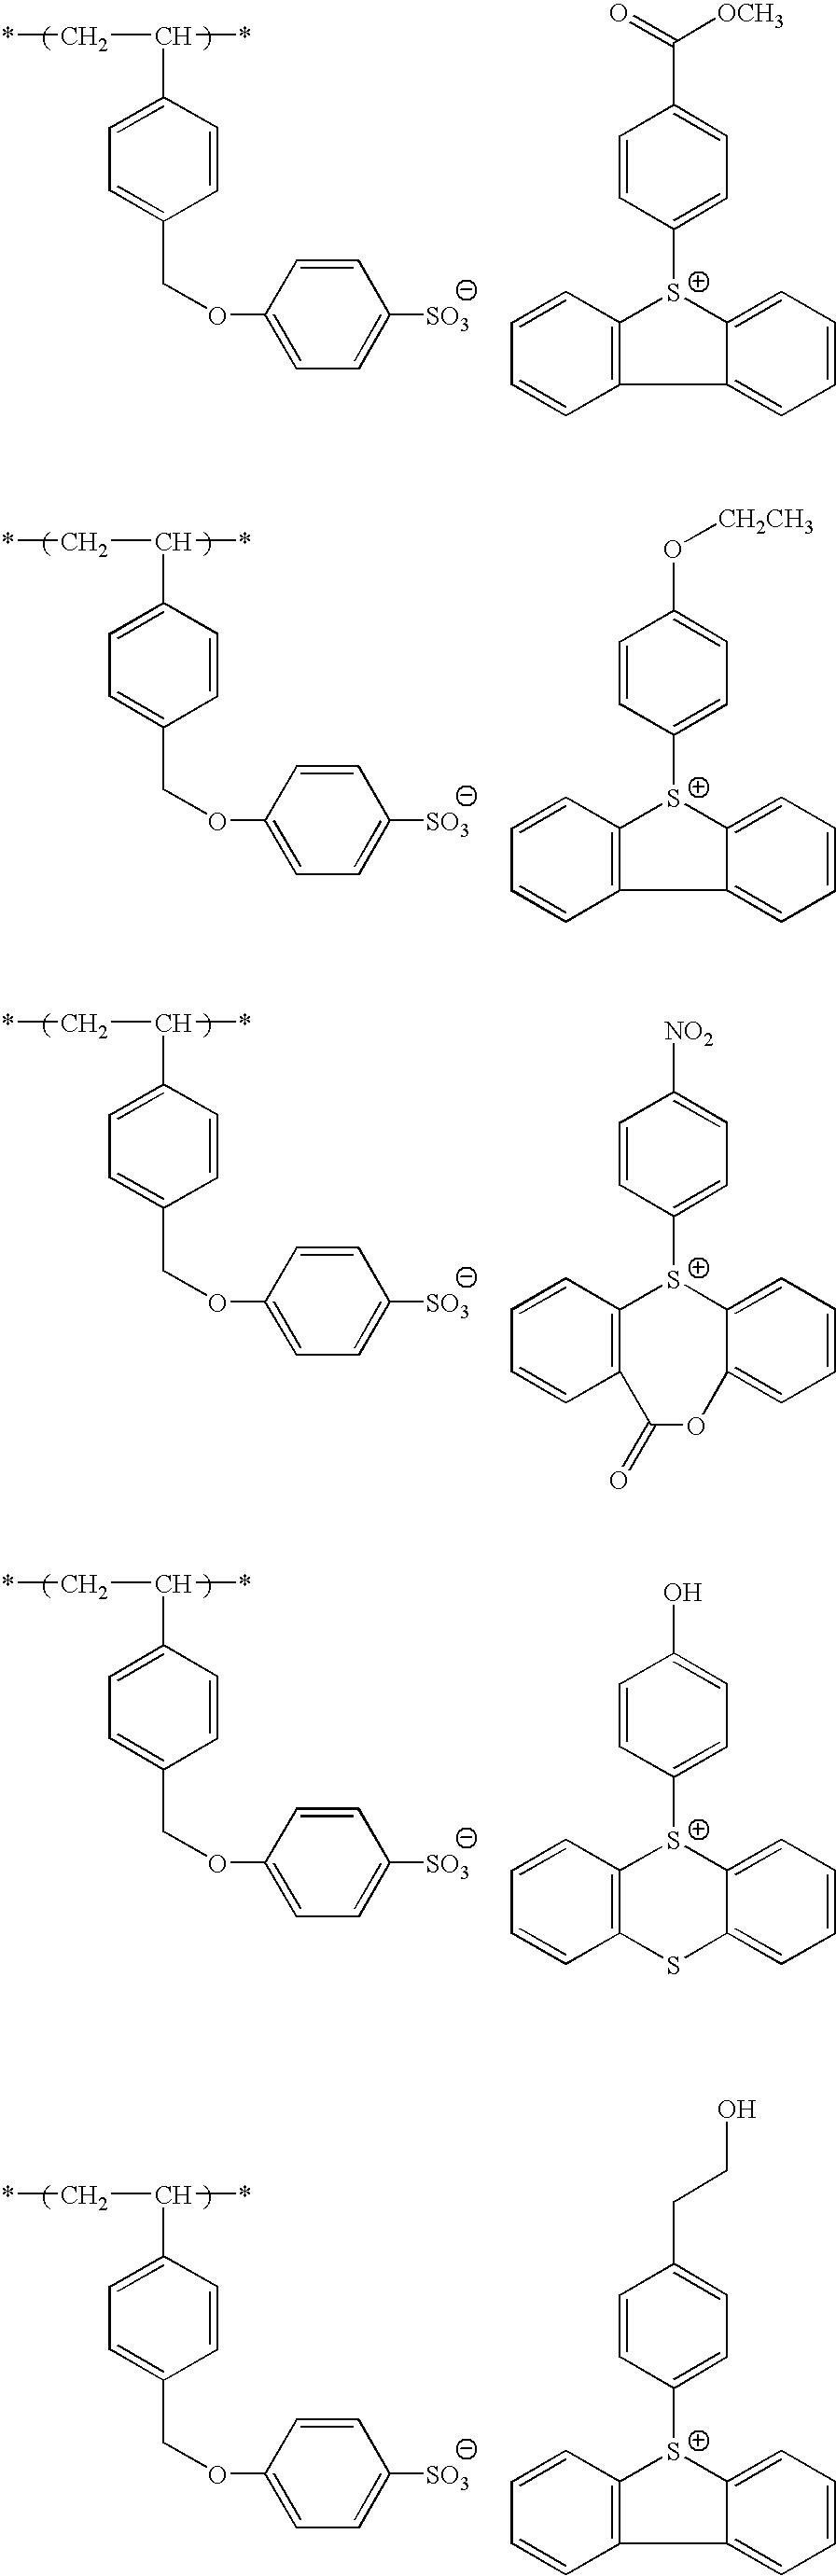 Figure US20100183975A1-20100722-C00058